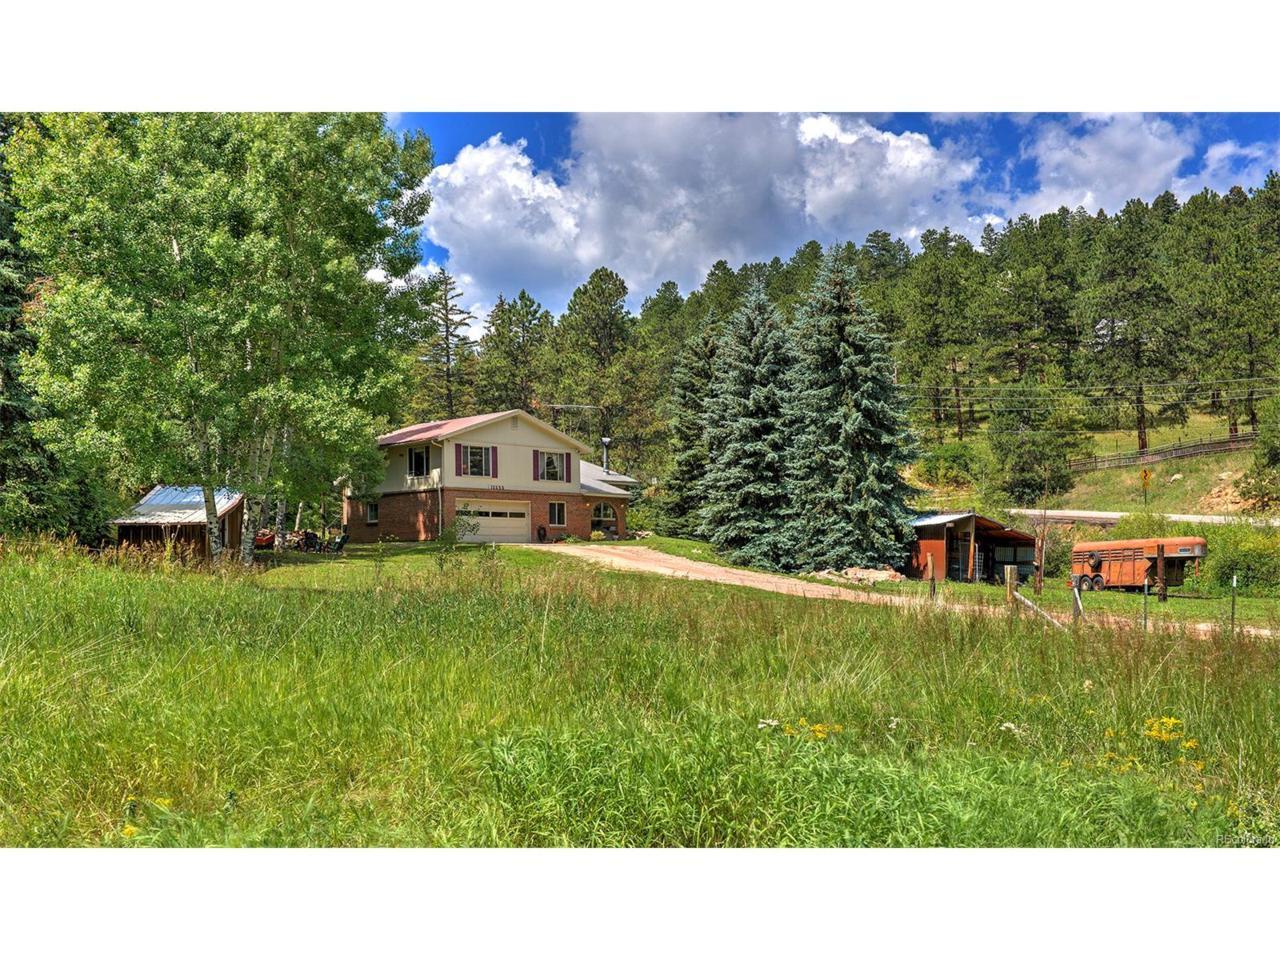 12253 Kuehster Road, Littleton, CO 80127 (MLS #6676549) :: 8z Real Estate